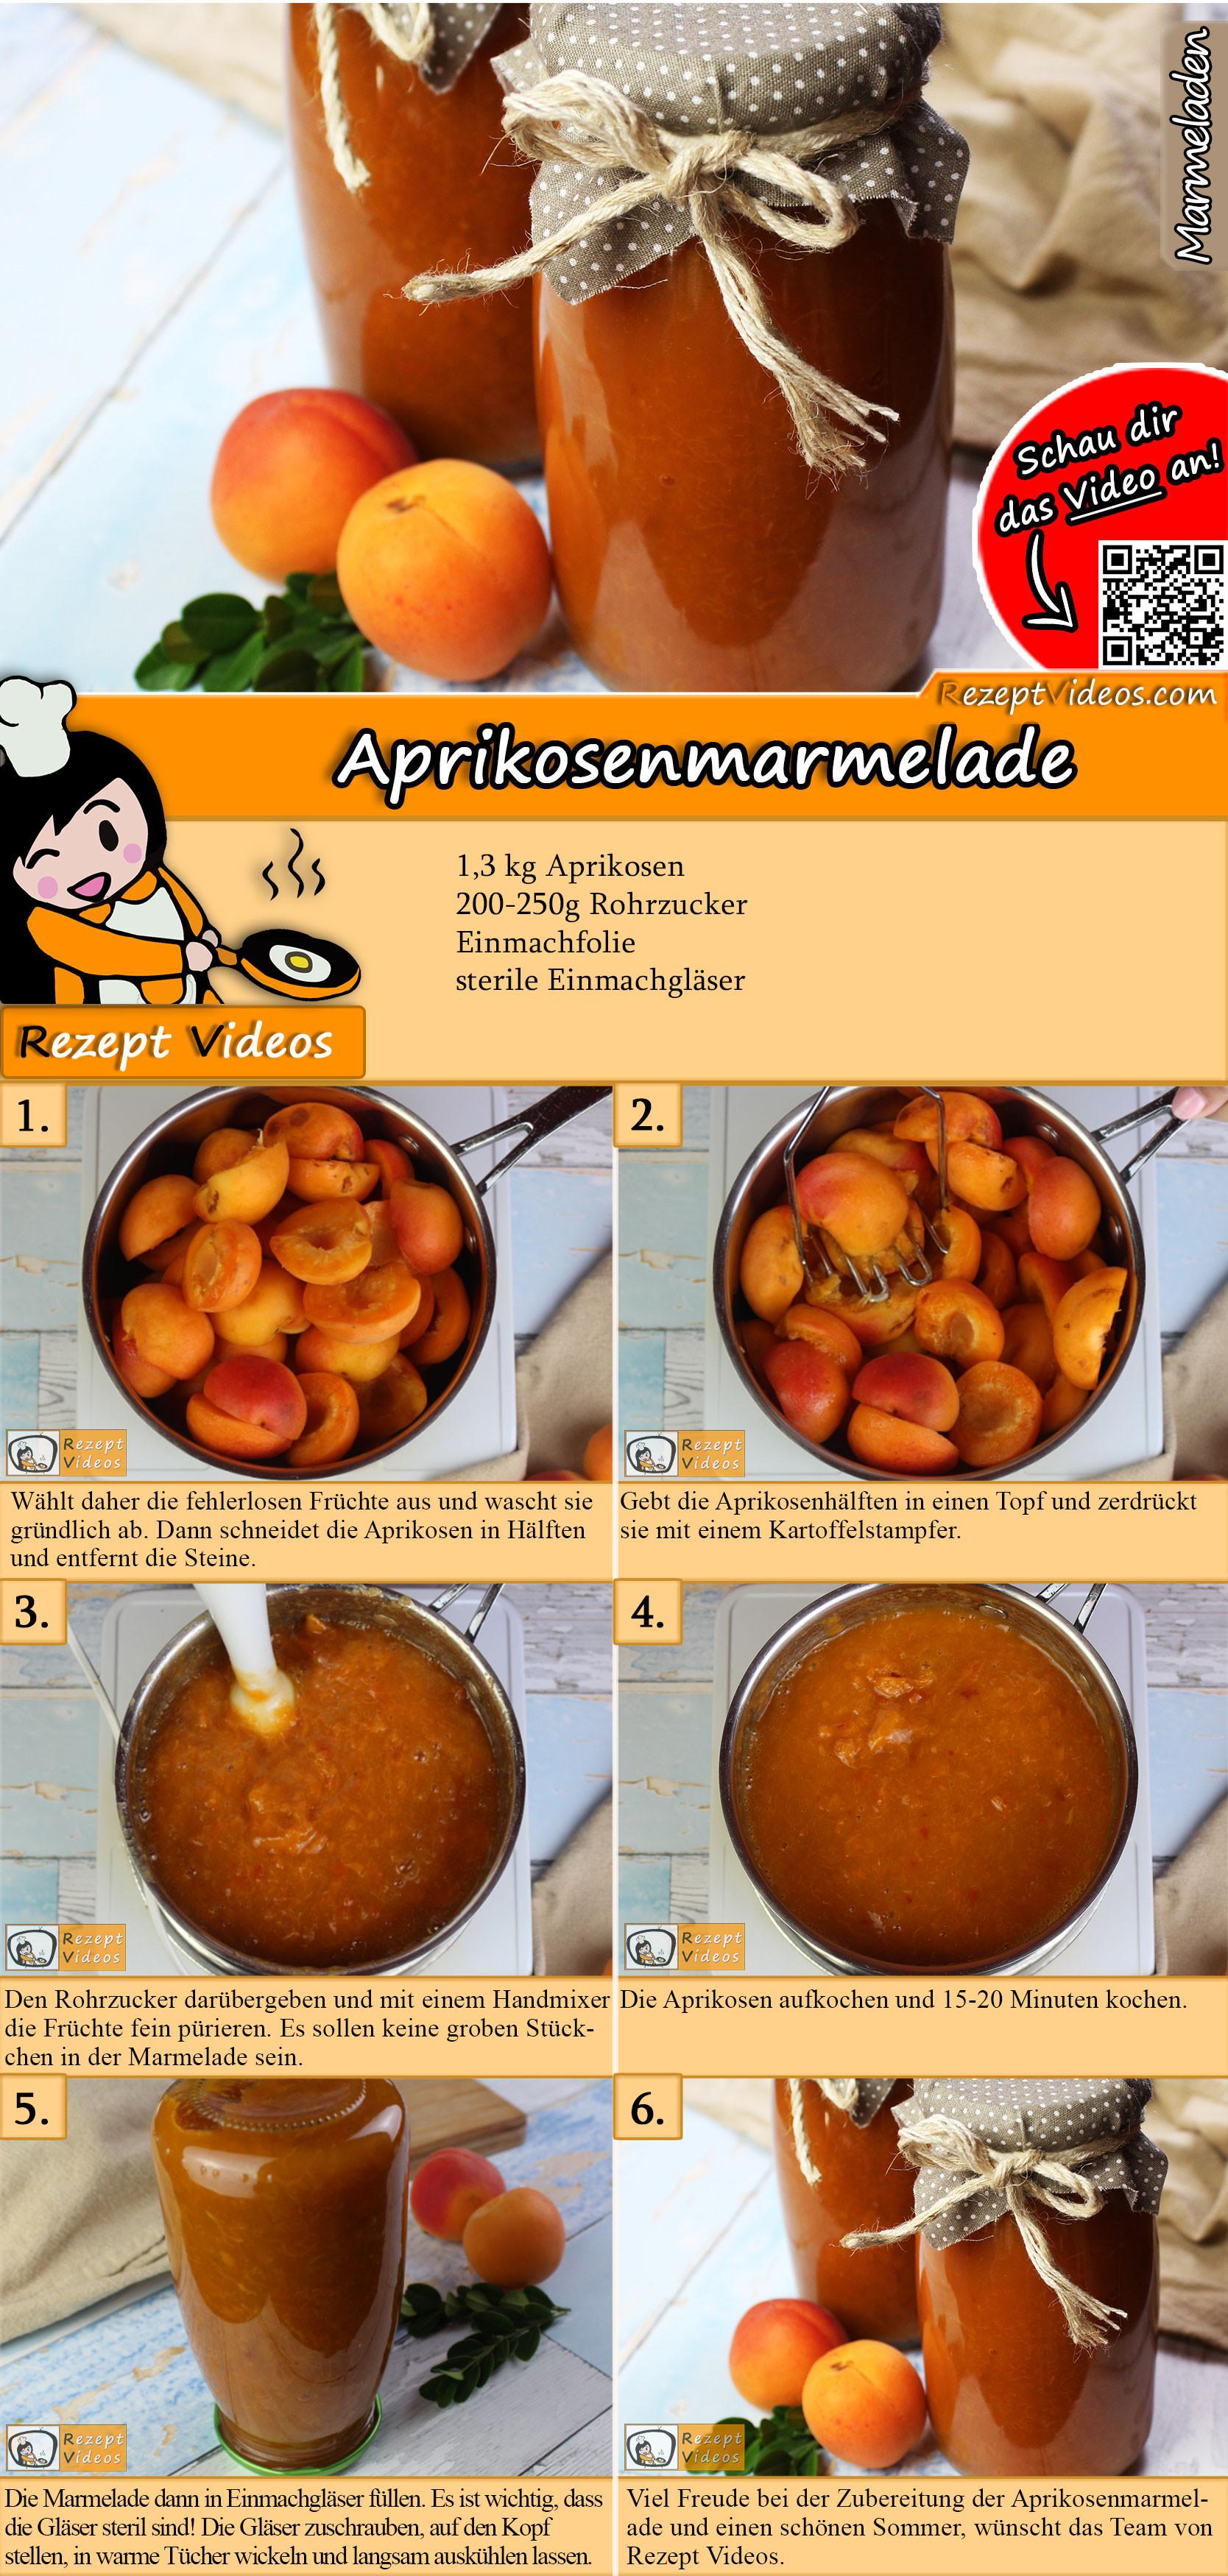 Aprikosenmarmelade Rezept mit Video